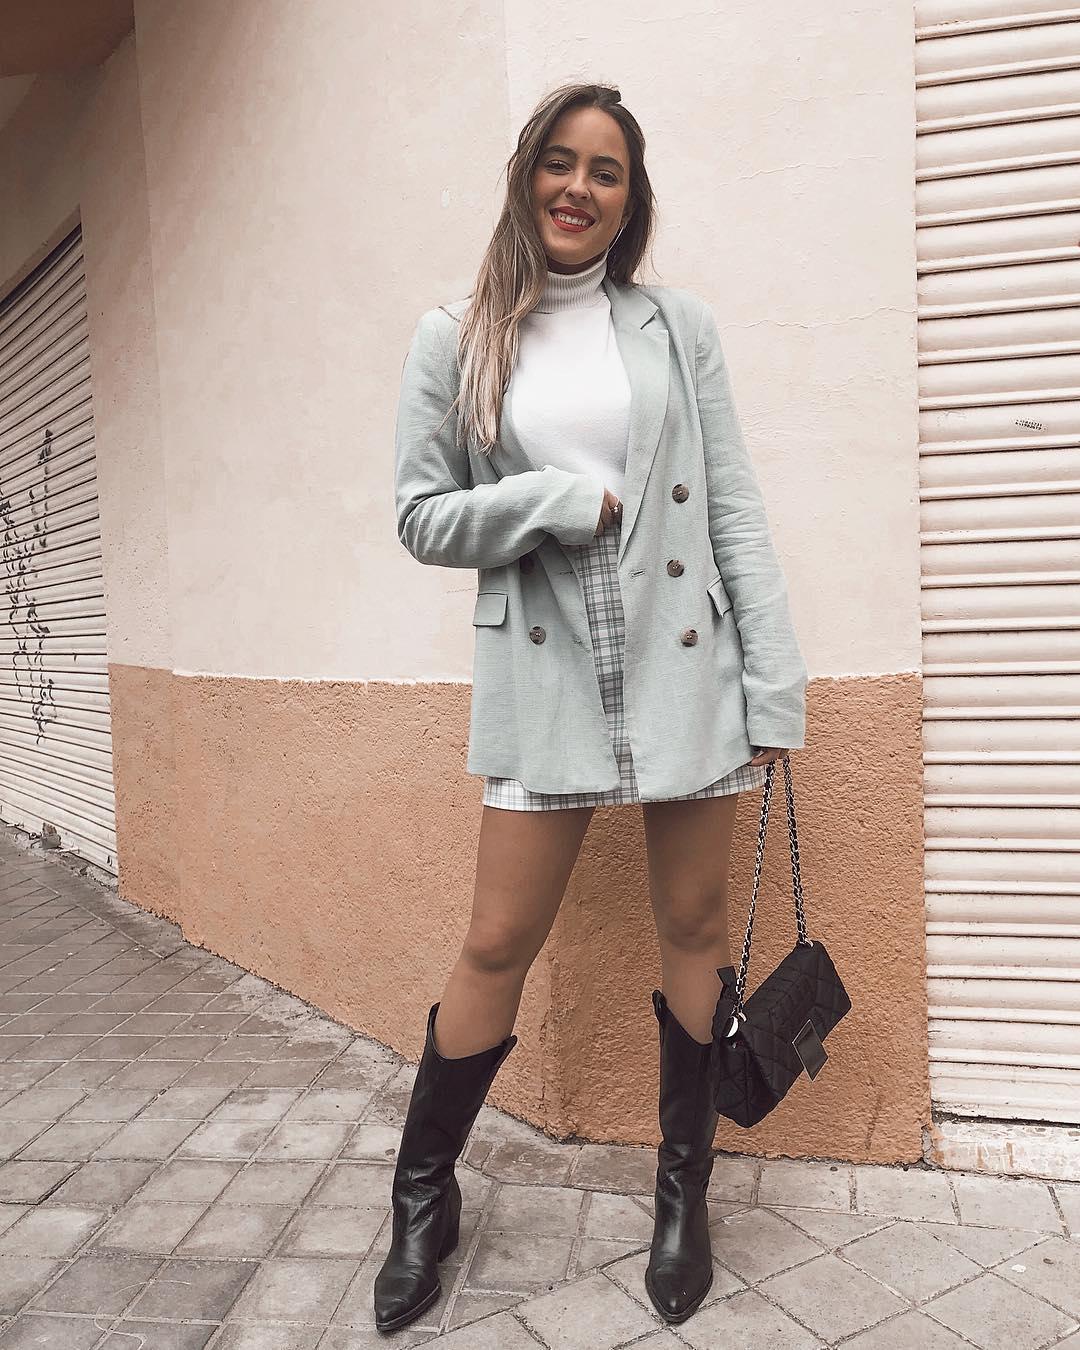 leather boots with cowboy heels de Zara sur anasaez___ sur SCANDALOOK